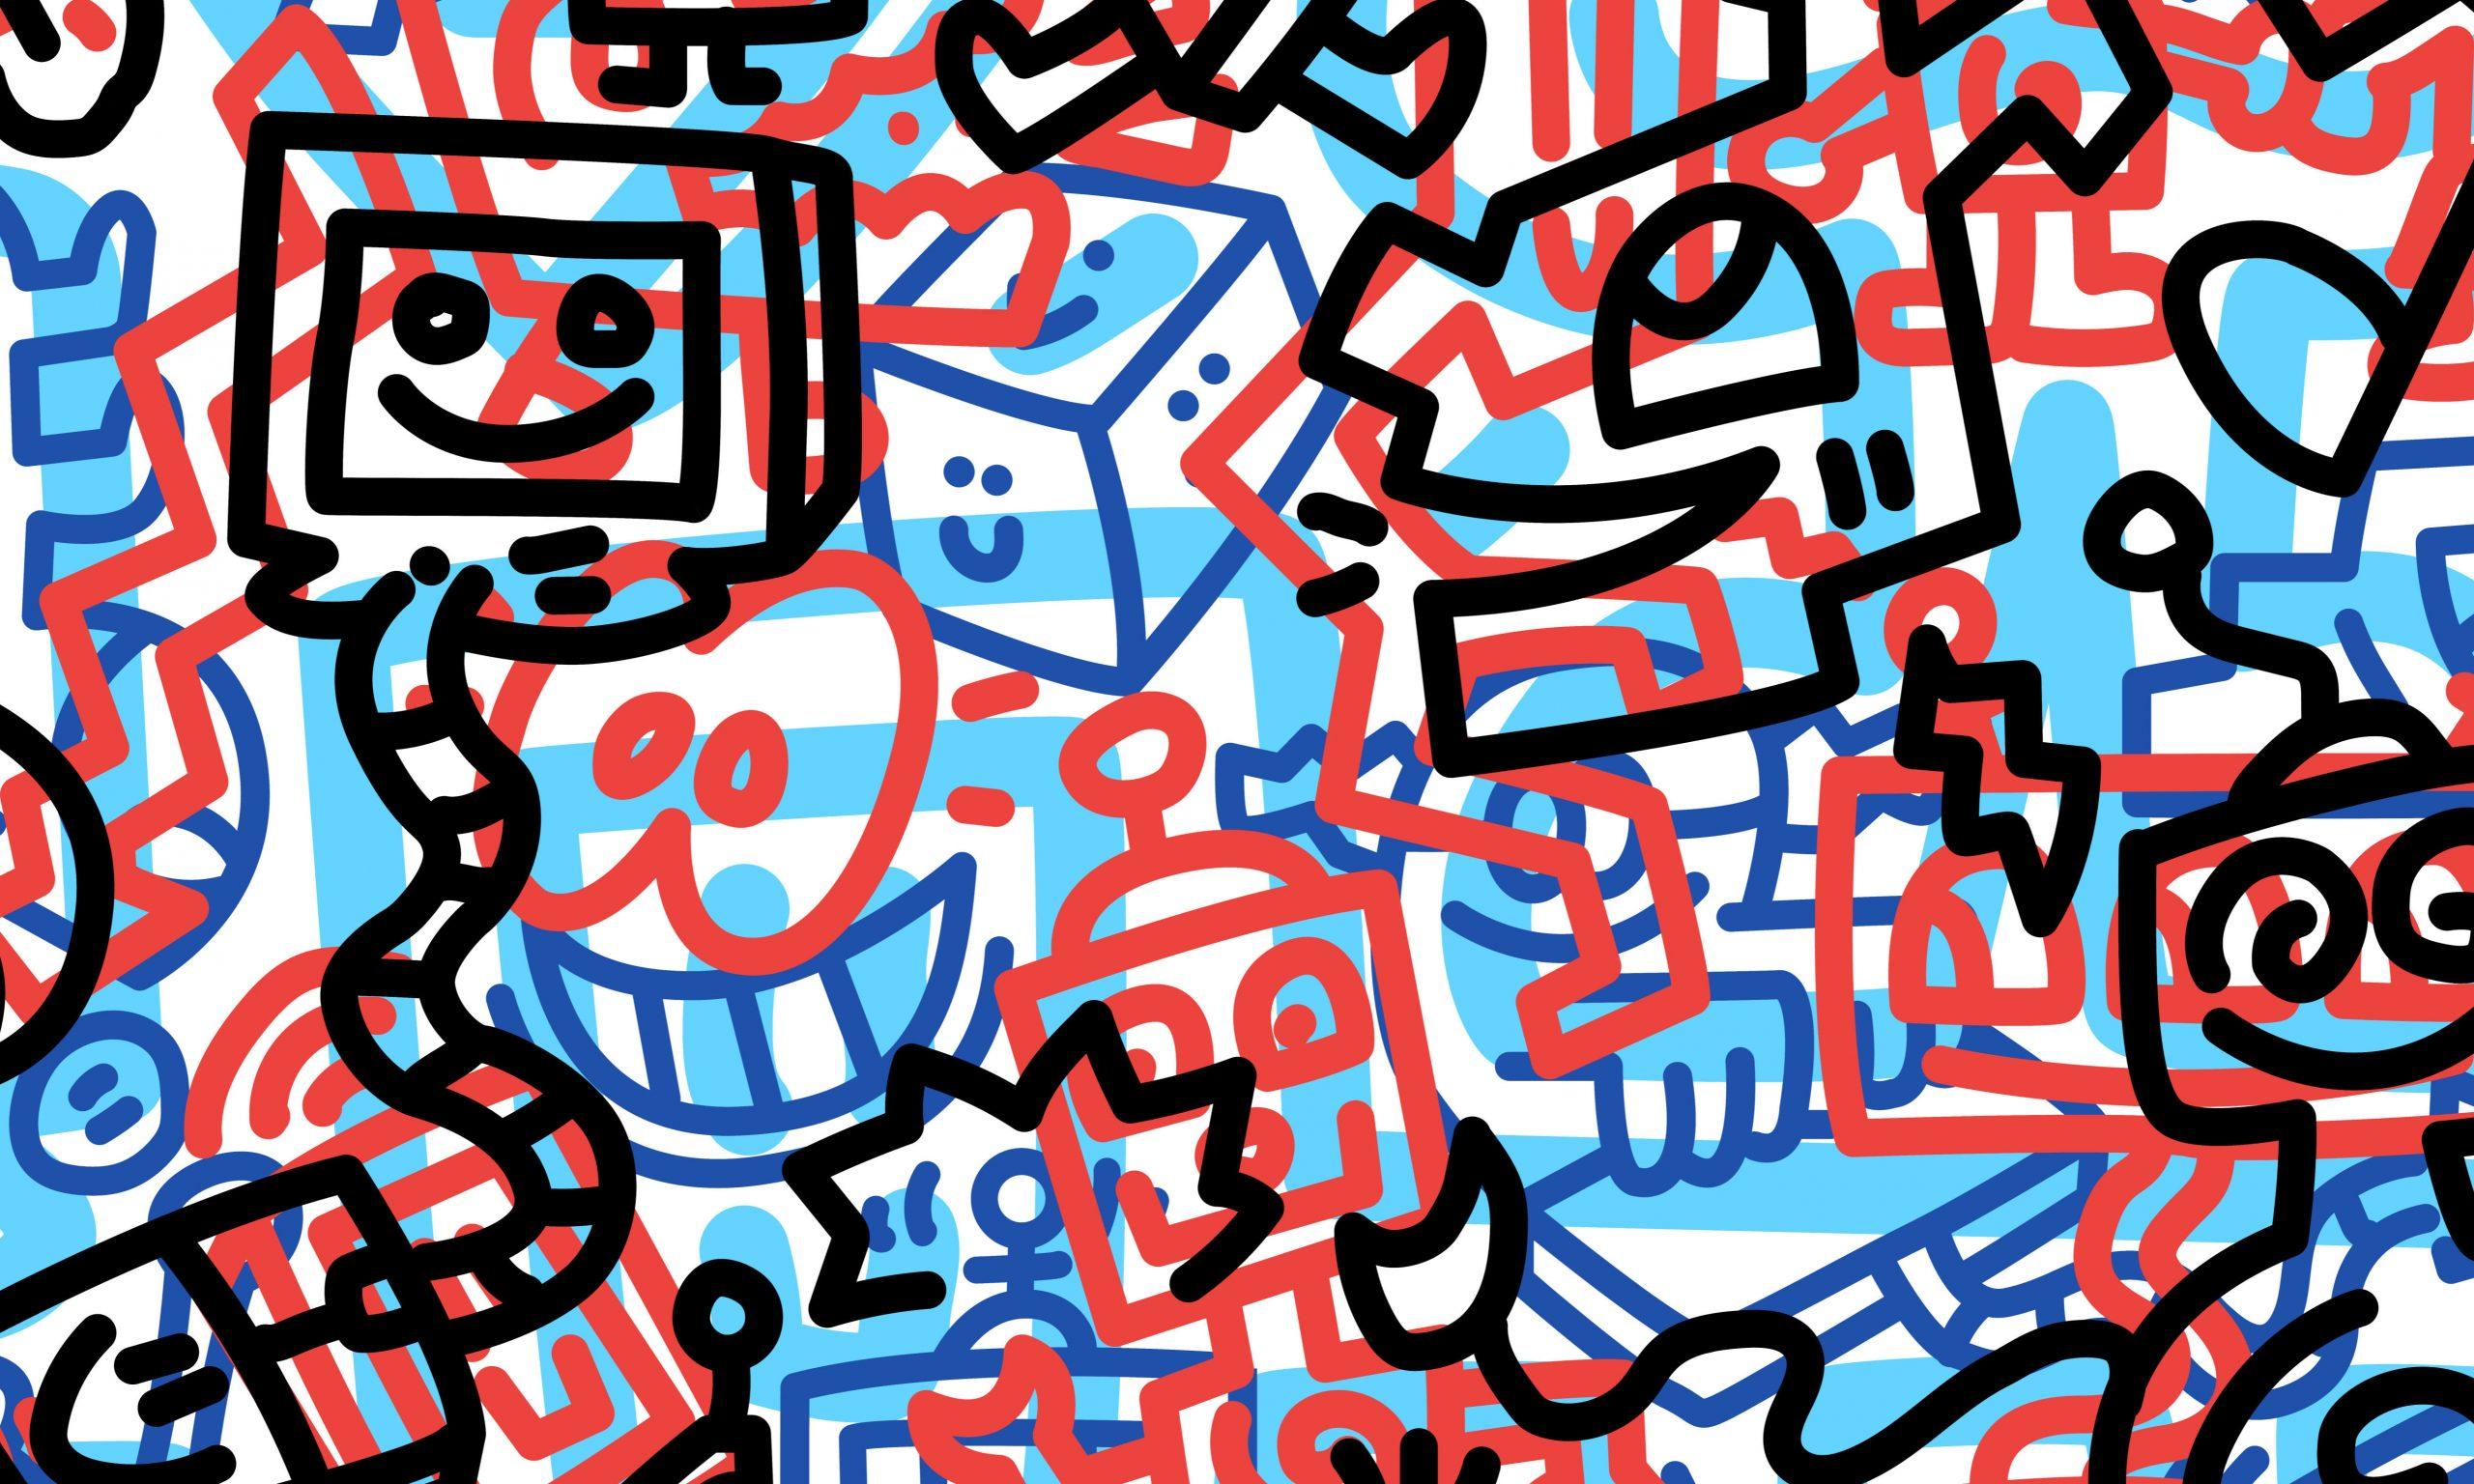 Mr Doodle 宣布推出首件 NFT 作品《ESC》